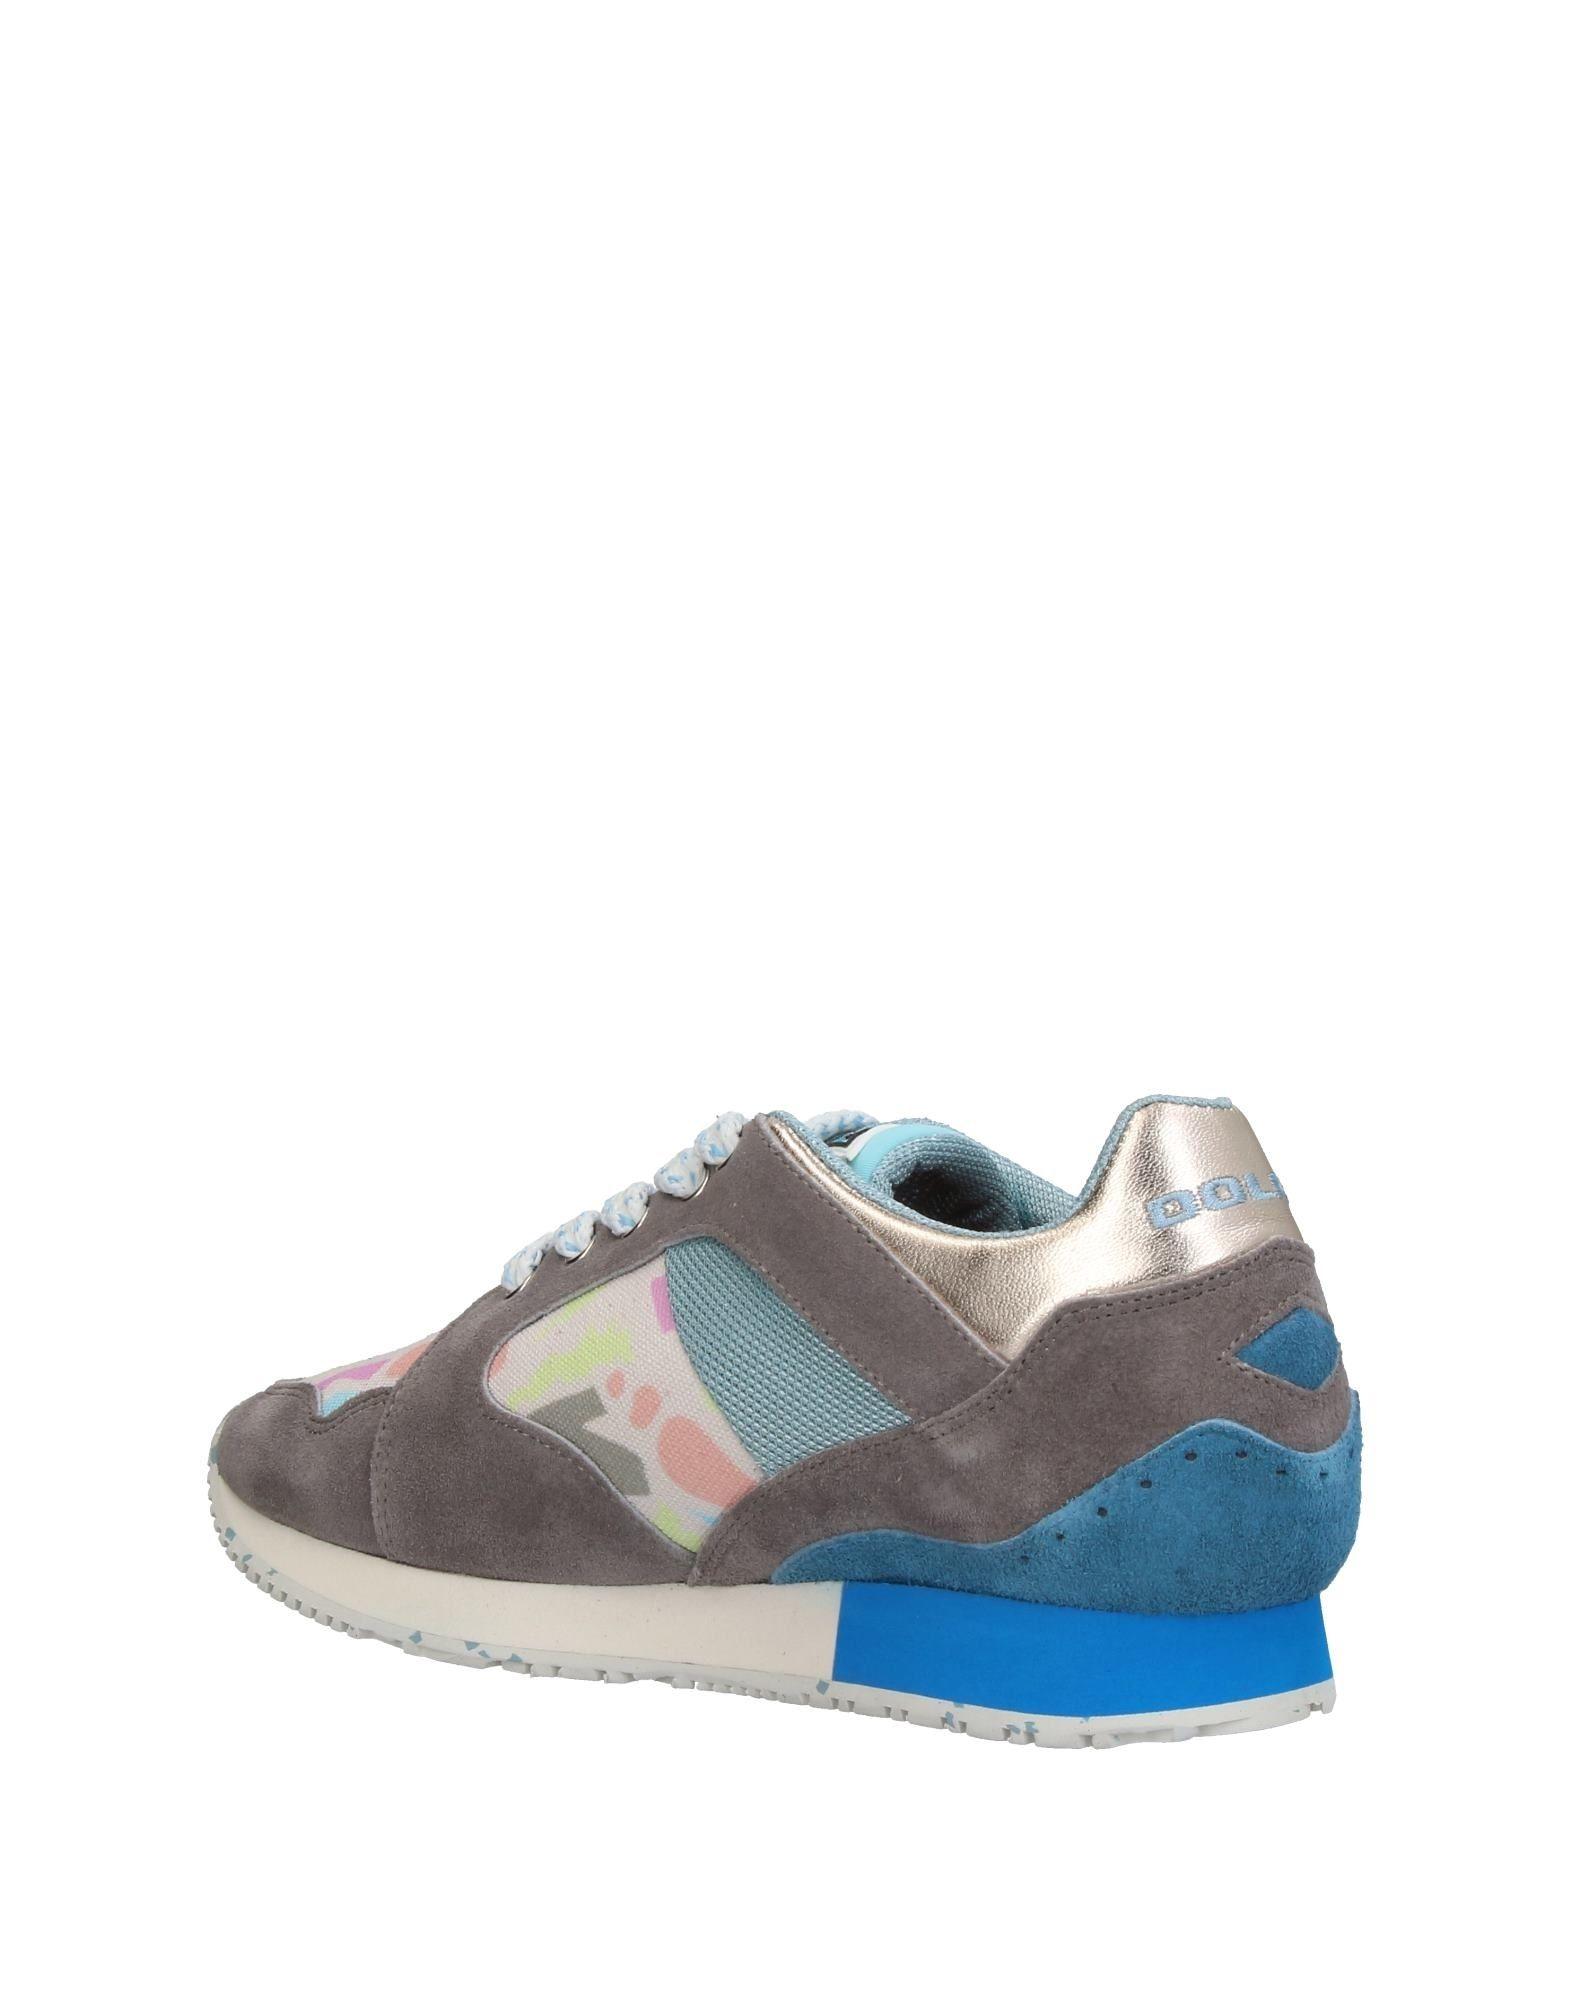 Dolfie Sneakers Damen  11410827UD Gute Qualität beliebte Schuhe